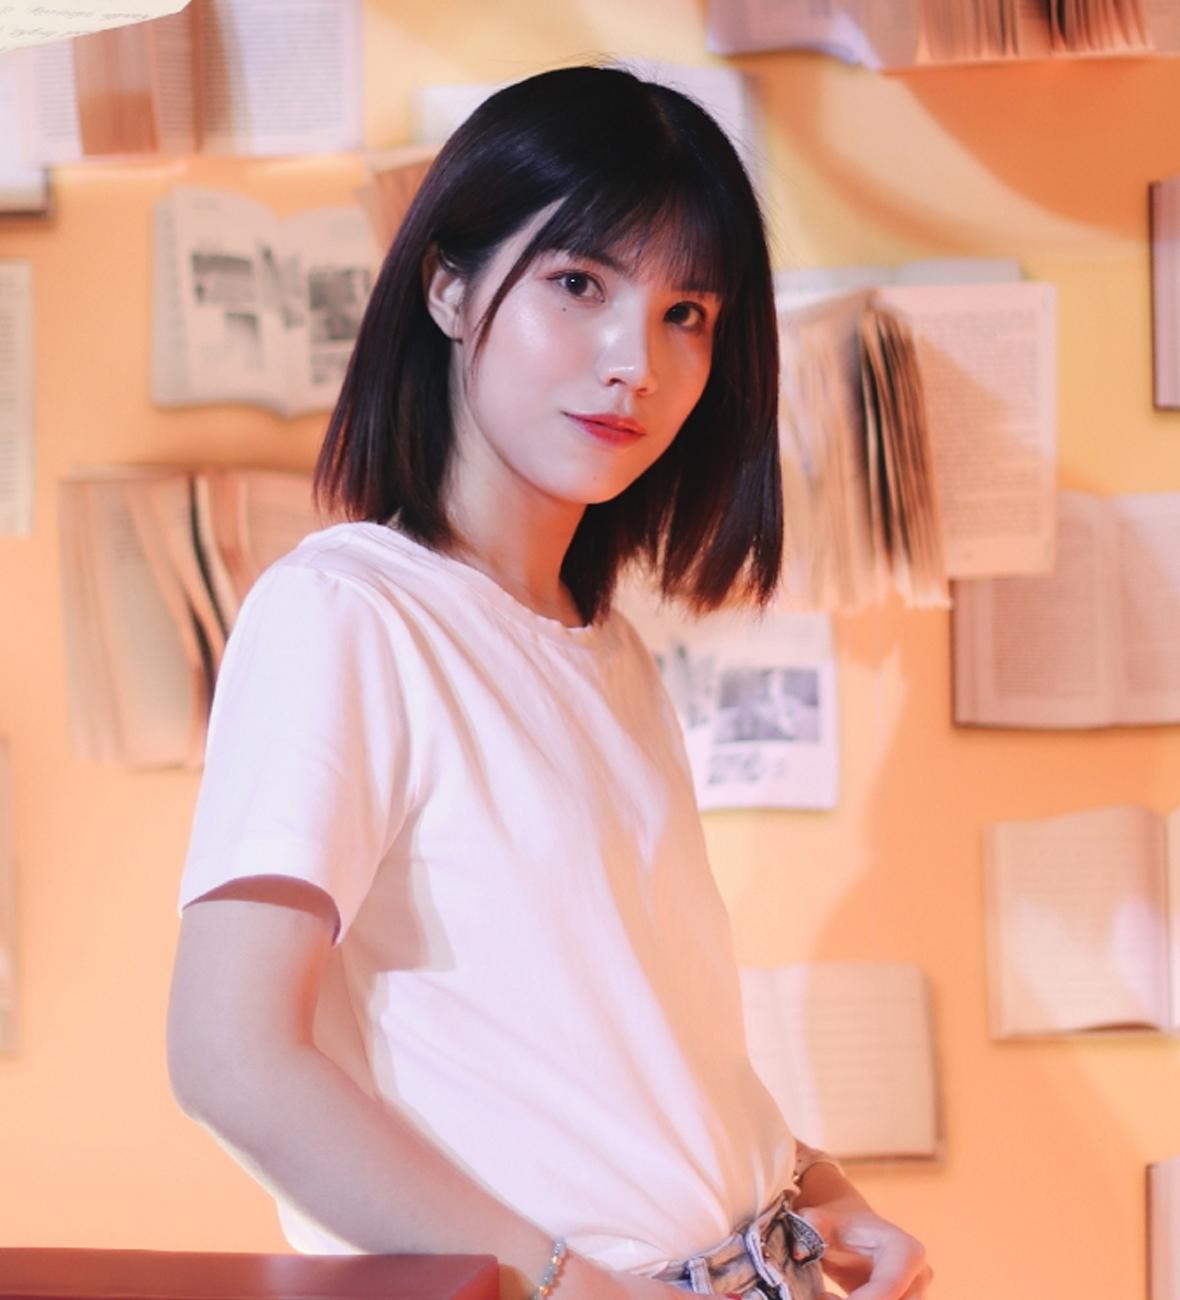 【花粉女生荣耀V20体验】流年,花粉女生-花粉俱乐部